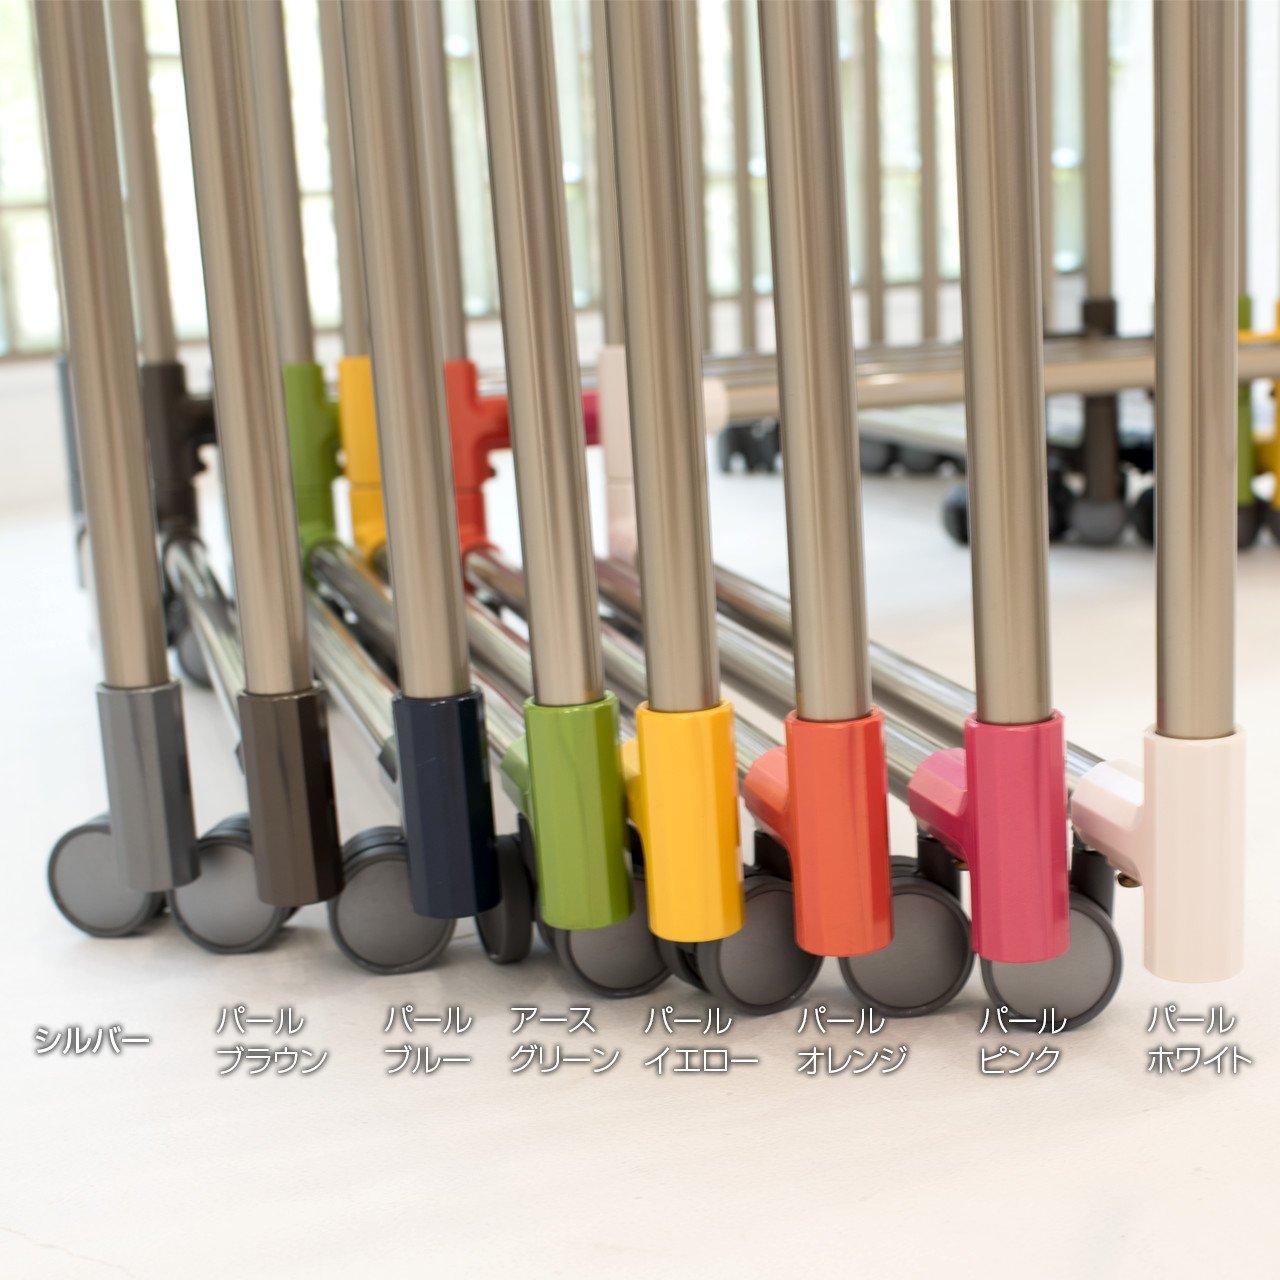 室内用 KILALA-lightシリズ 中型 ワイド 1ブロックの幅80cm 本体カラー:シャンパンゴールド(キャップカラー:パールブラウン) B072NZS63G パールブラウン 1面の幅:80.5cm